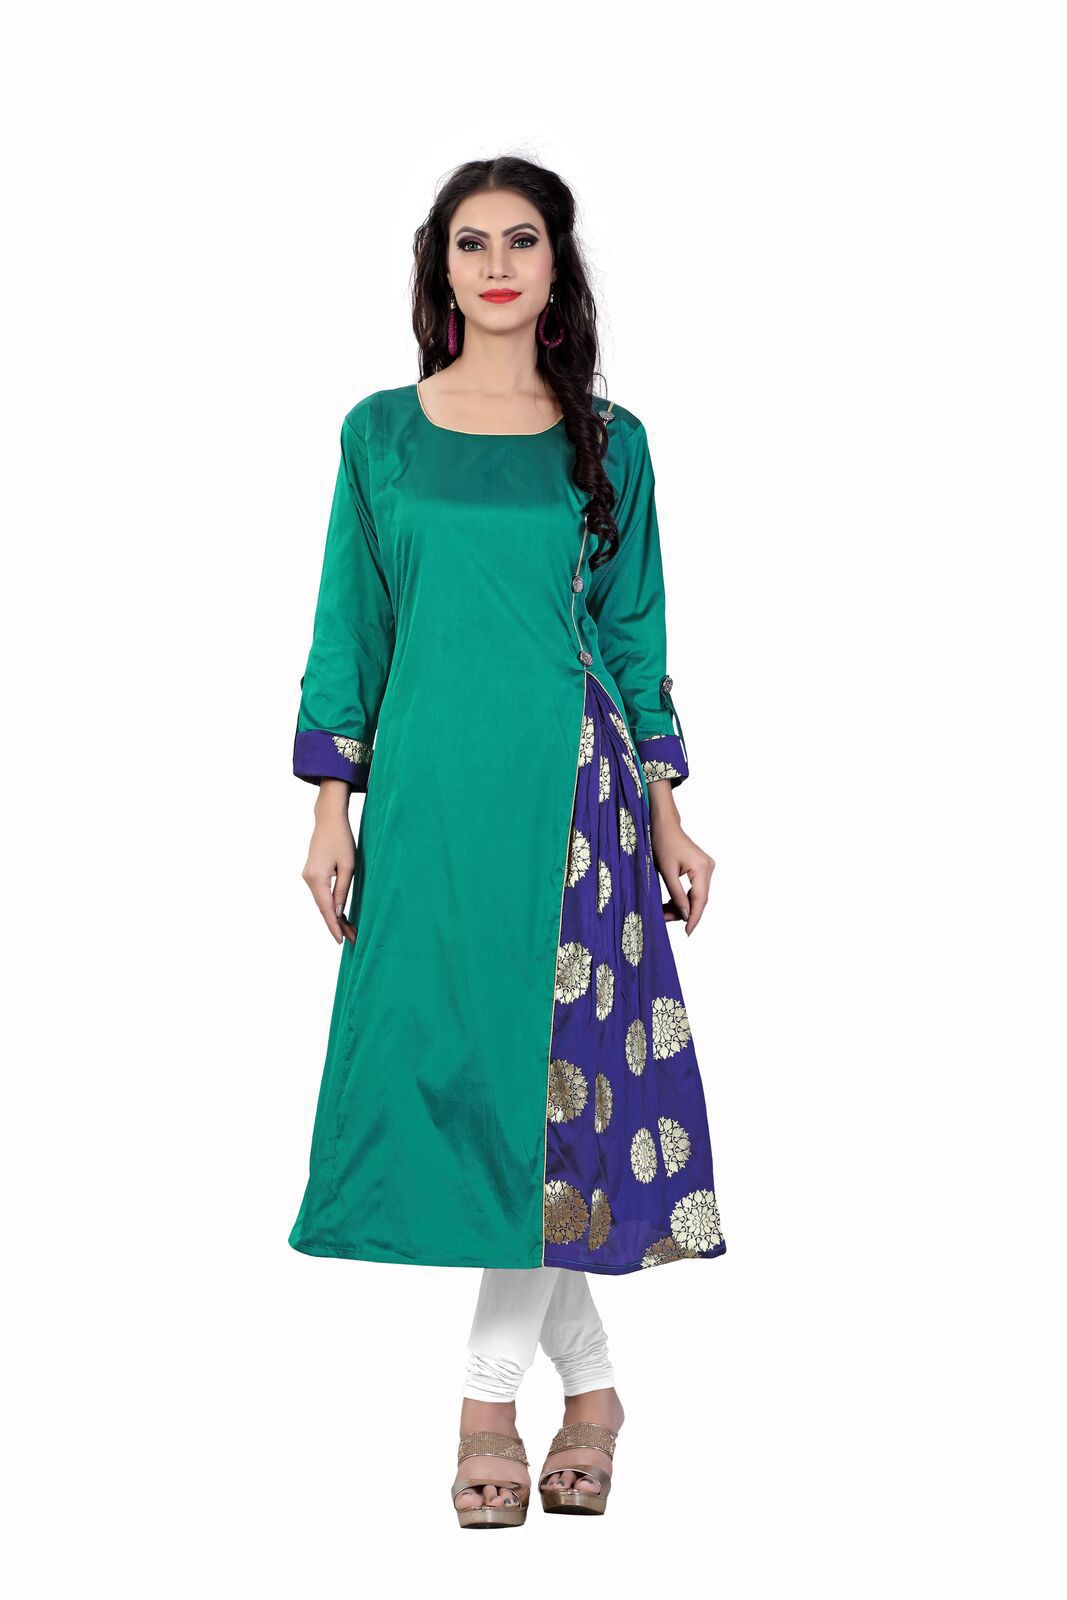 Daily Fashion Green Silk A-line Kurti